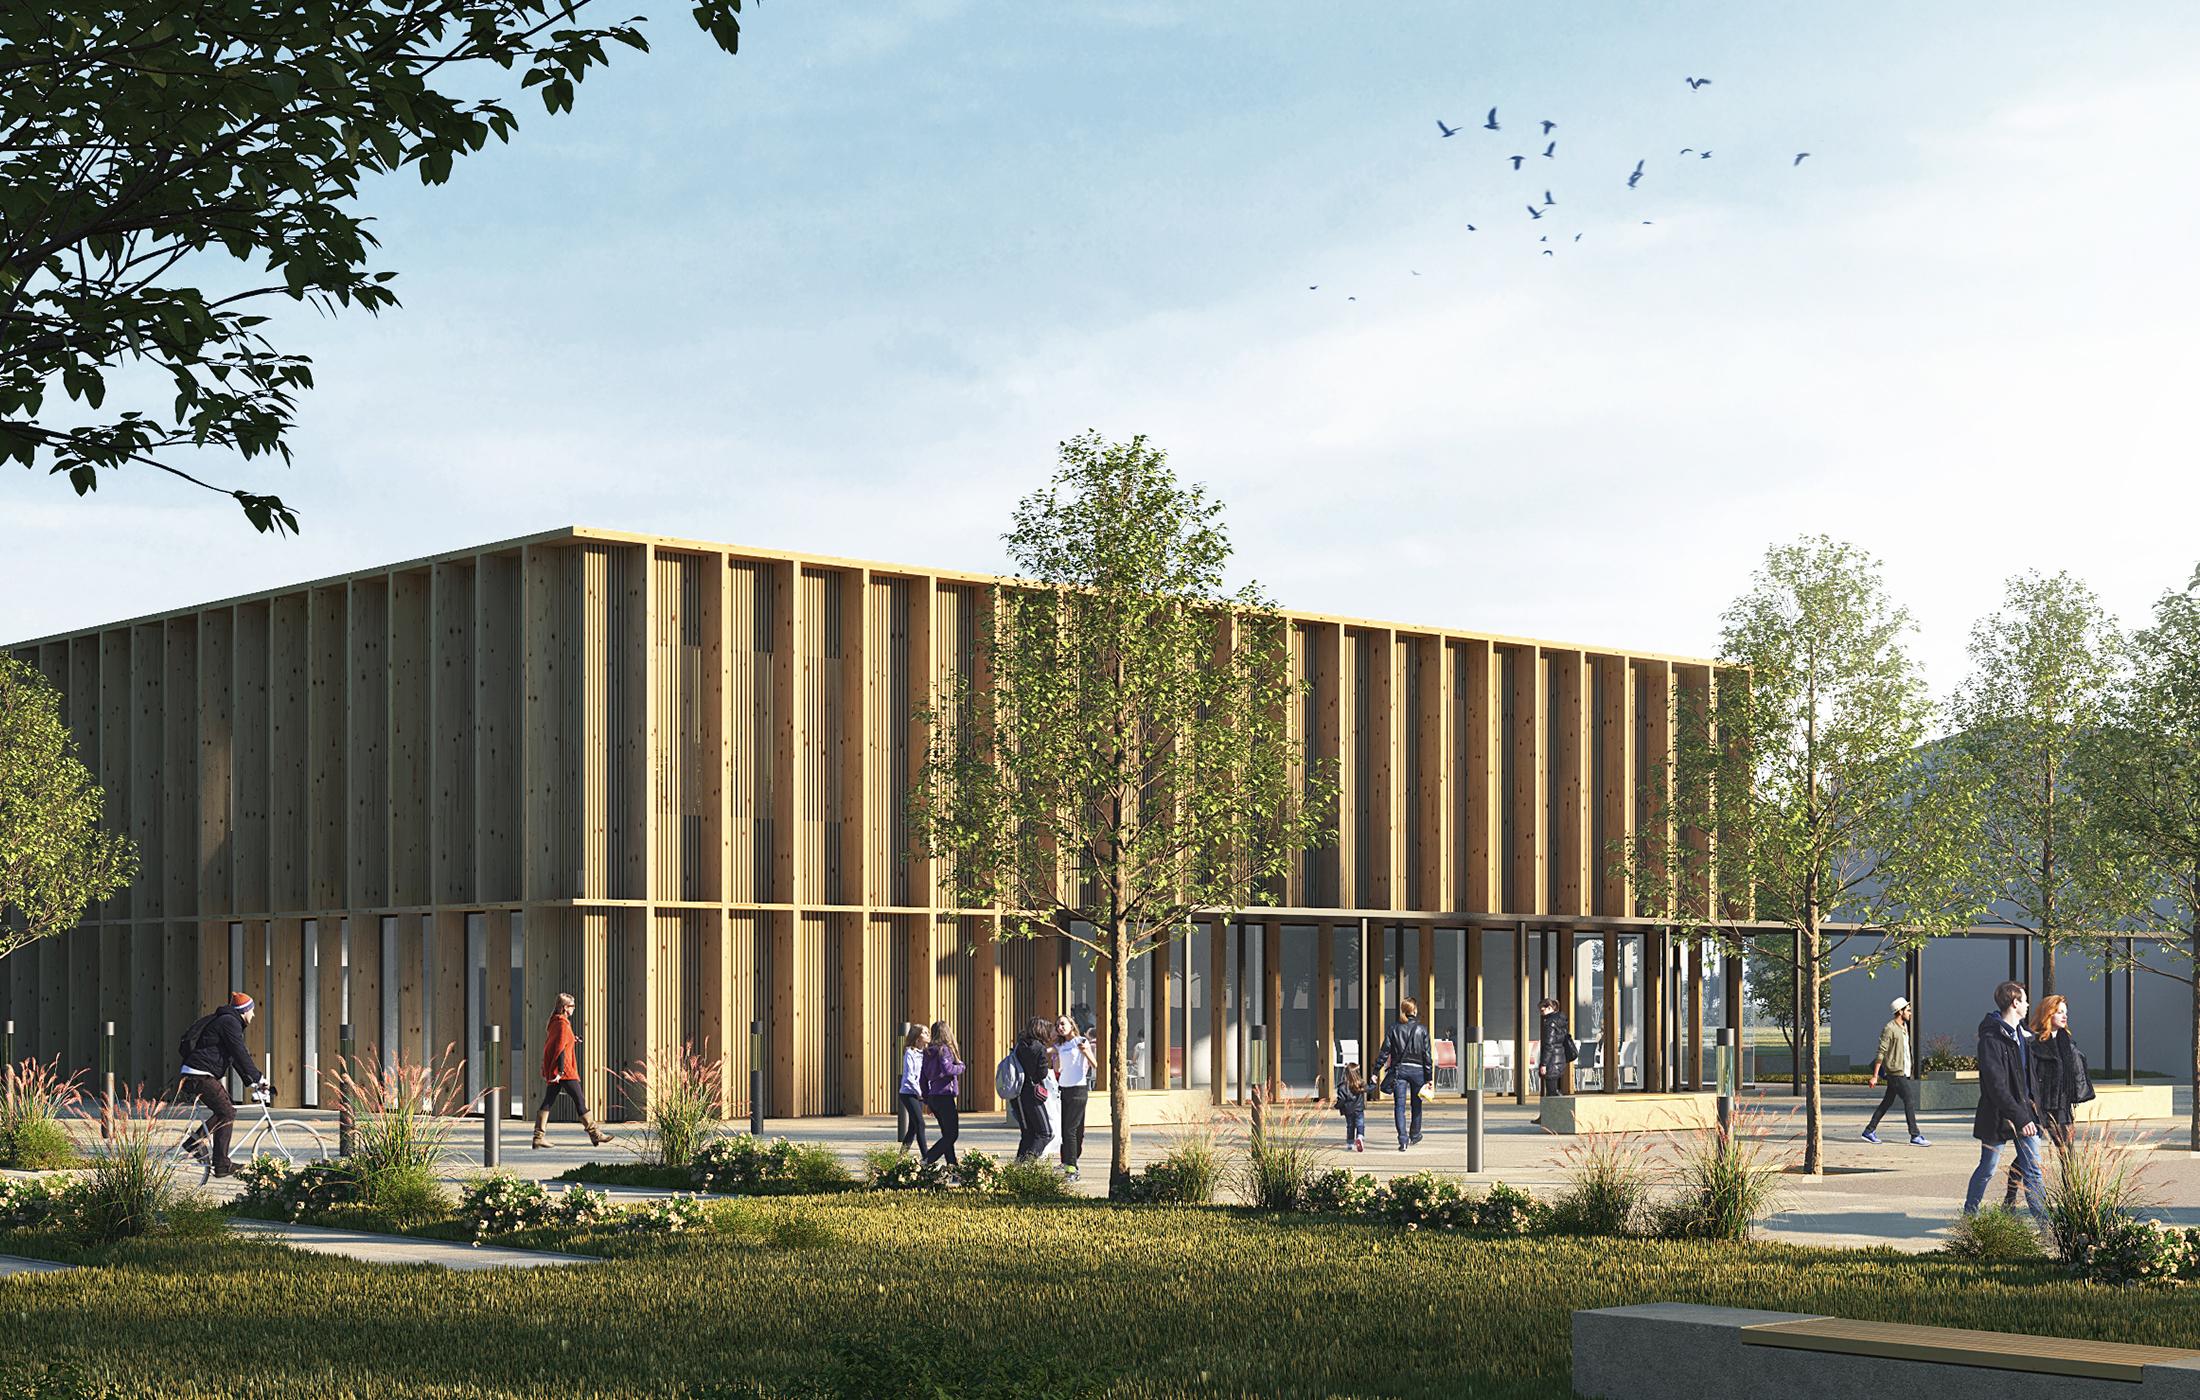 2021, Wettbewerb Neubau Sport- & Mehrzweckhalle Staffort, Stutensee